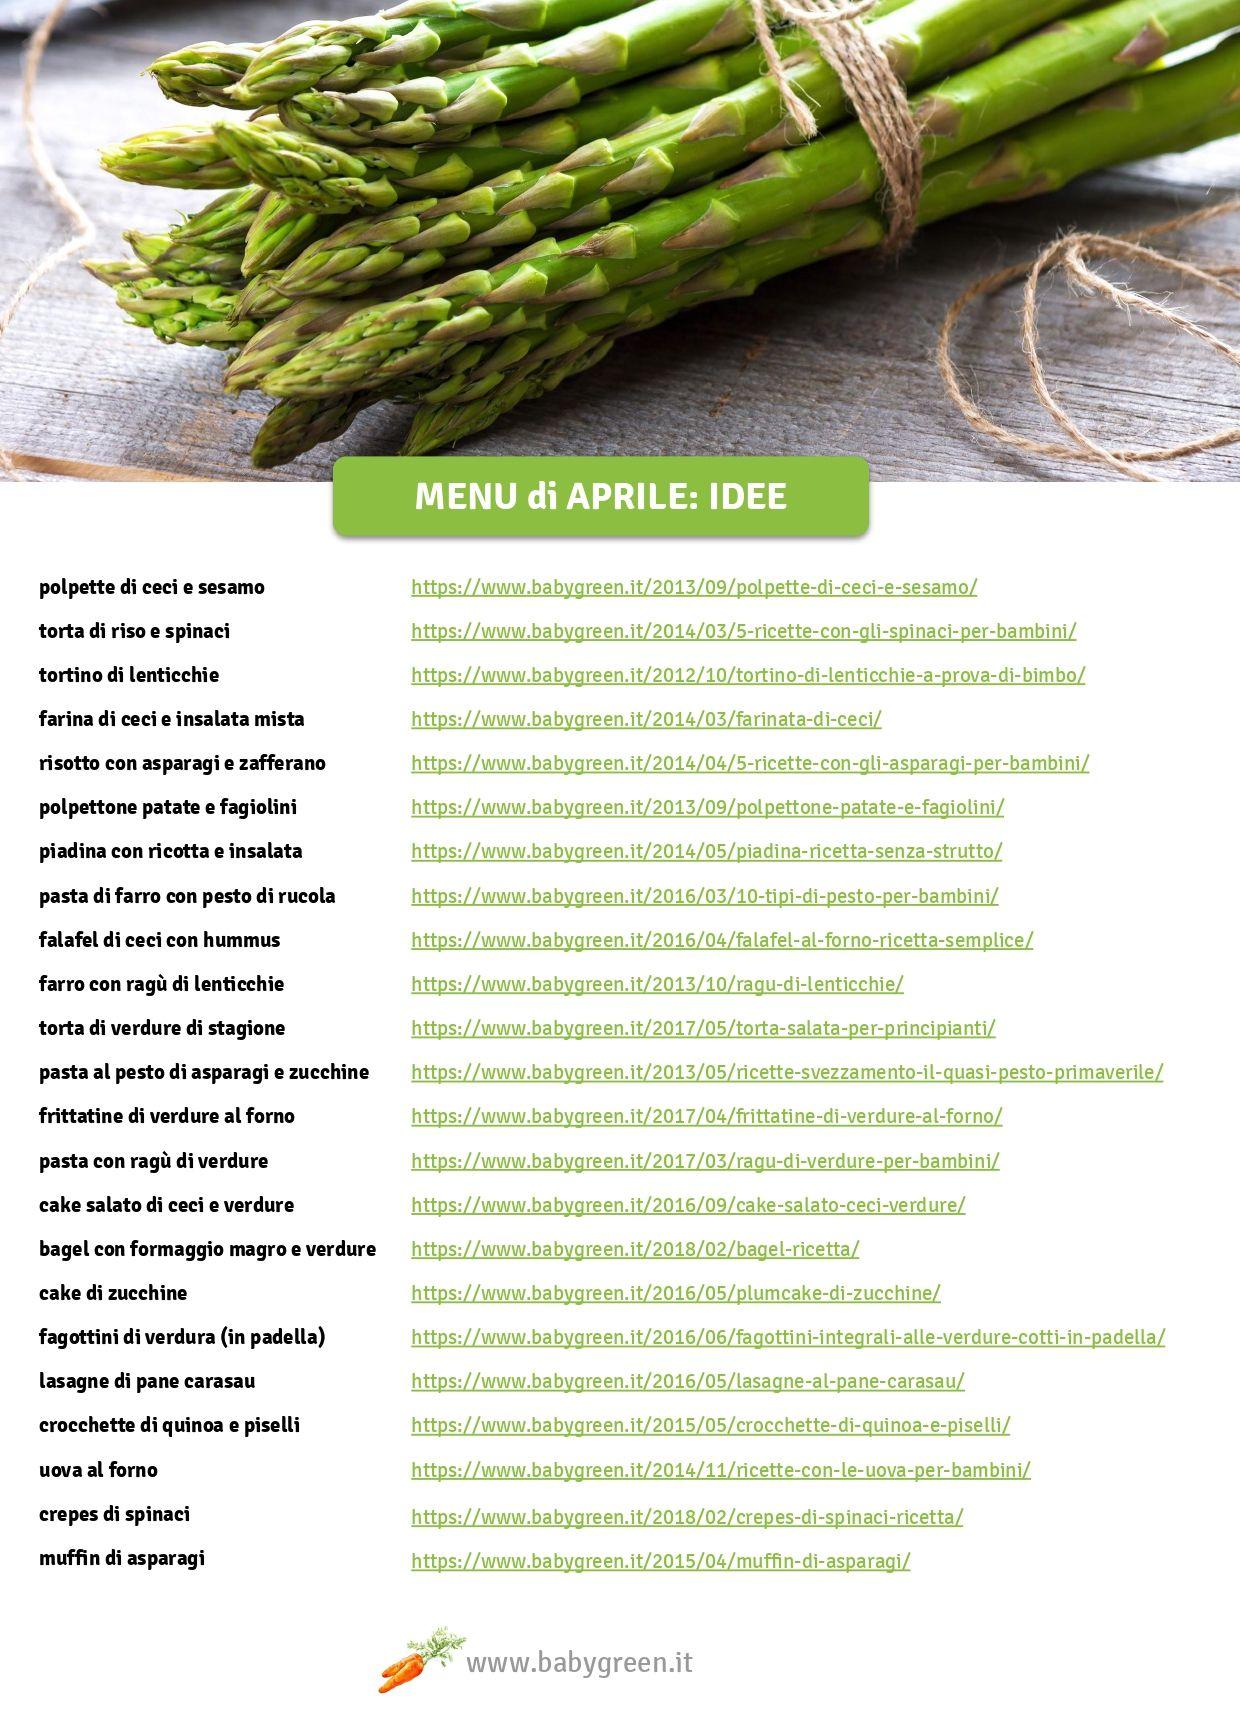 Menu Settimanale Sano Ed Economico menu di aprile   ricette, cibo vegetariano, idee alimentari